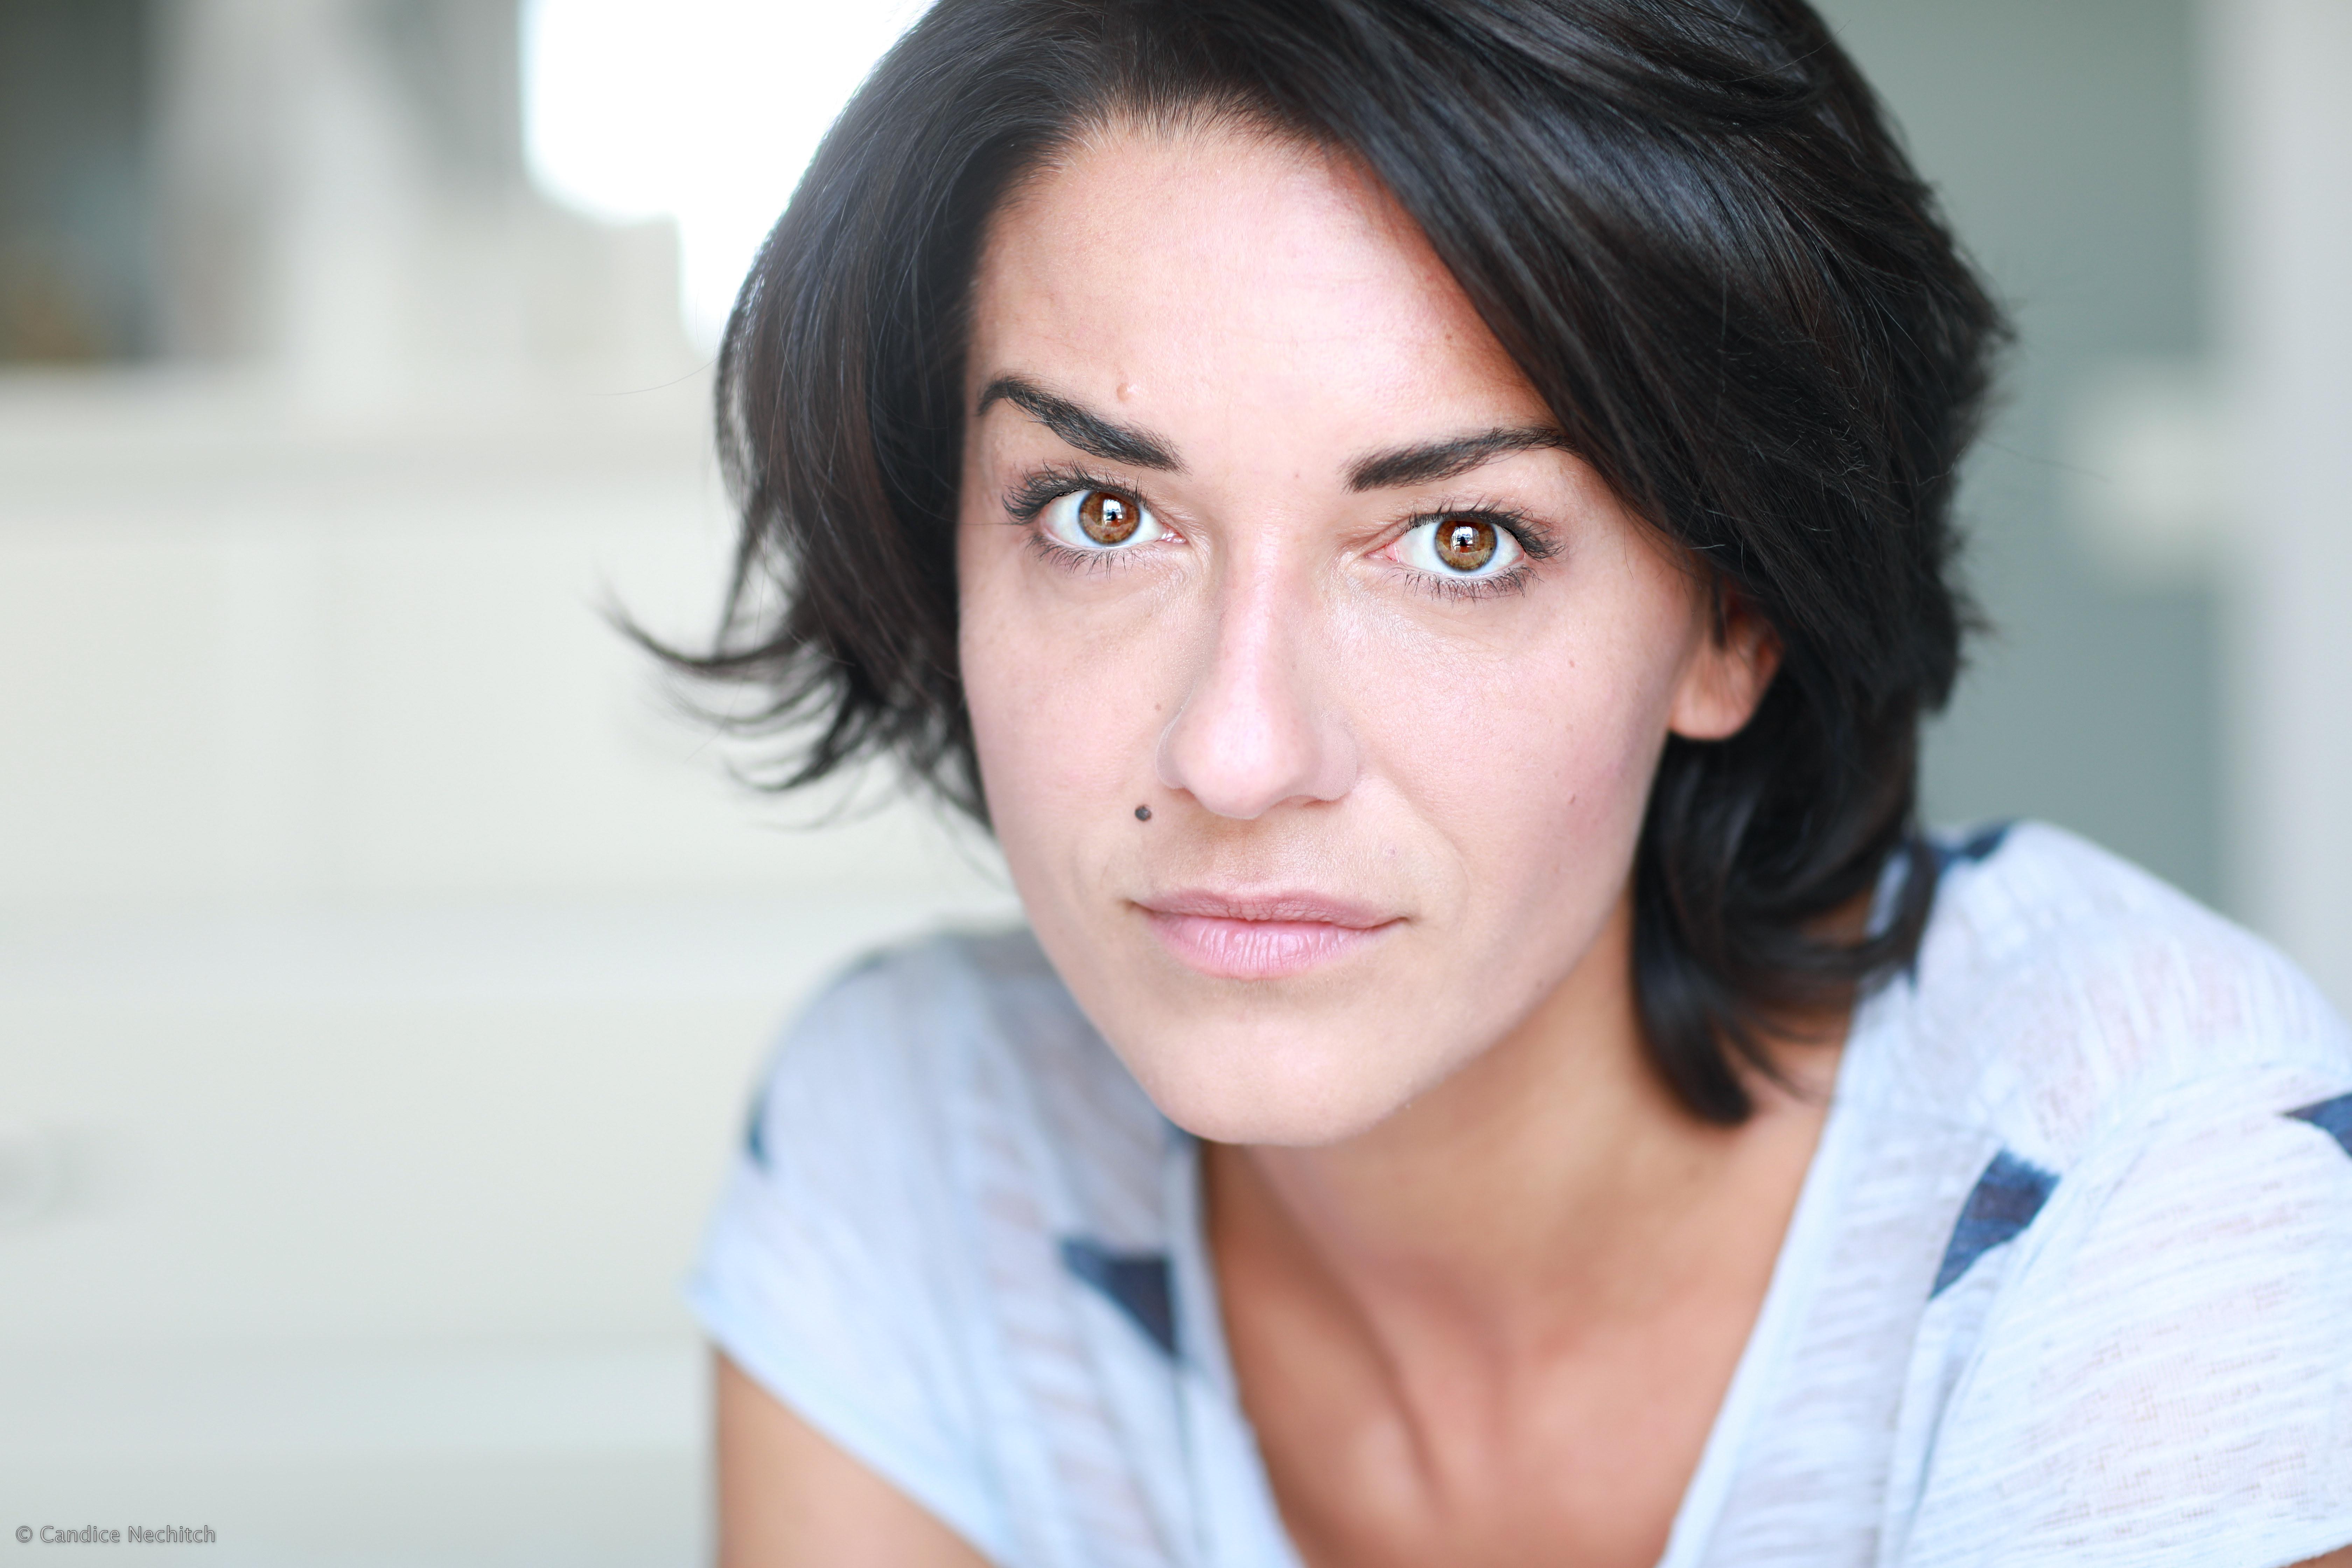 NataliaGiro